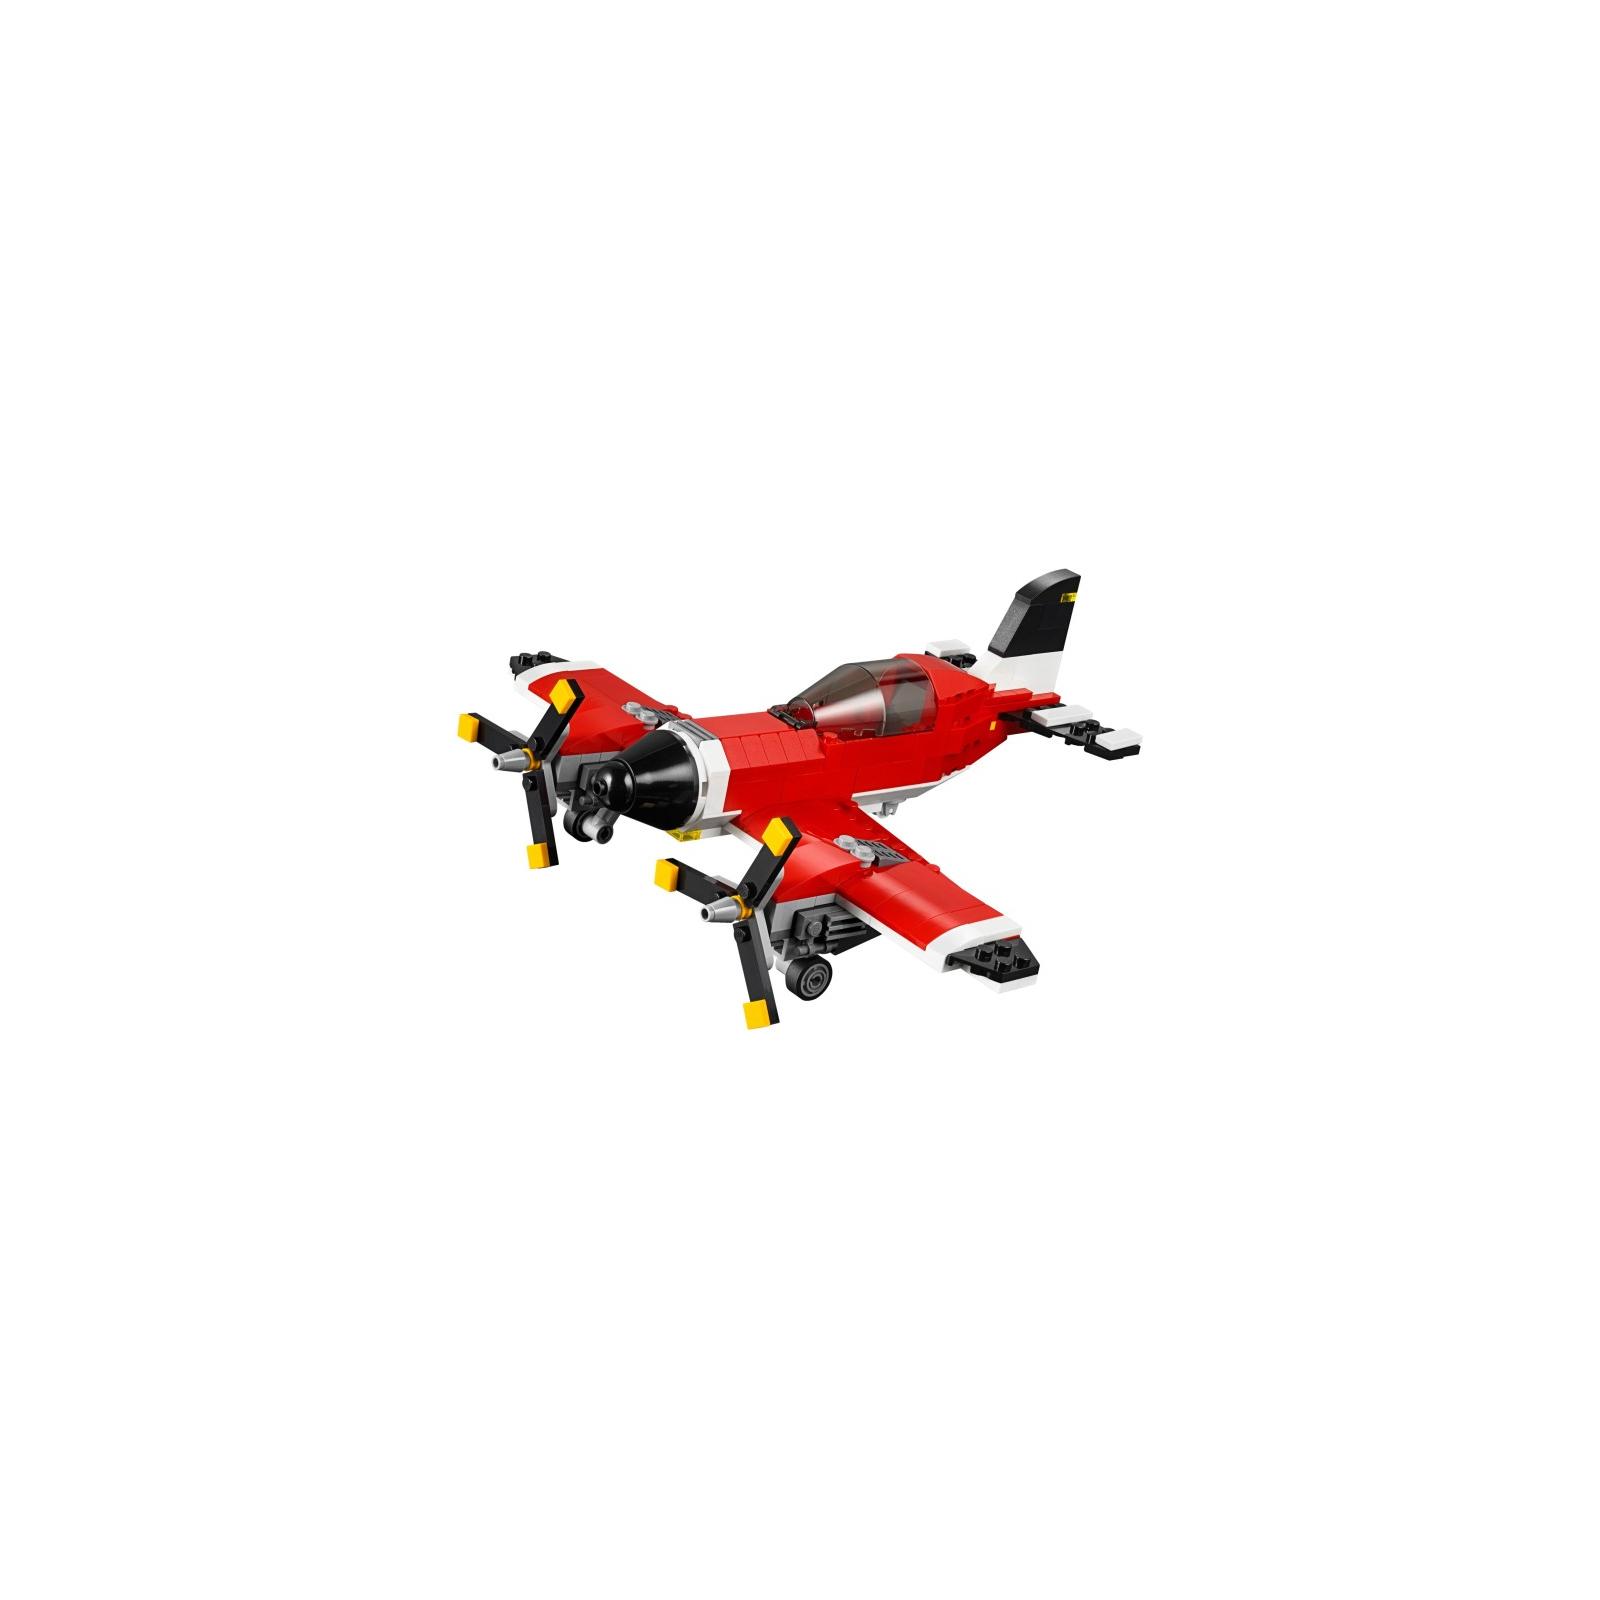 Конструктор LEGO Creator Путешествие по воздуху (31047) изображение 2